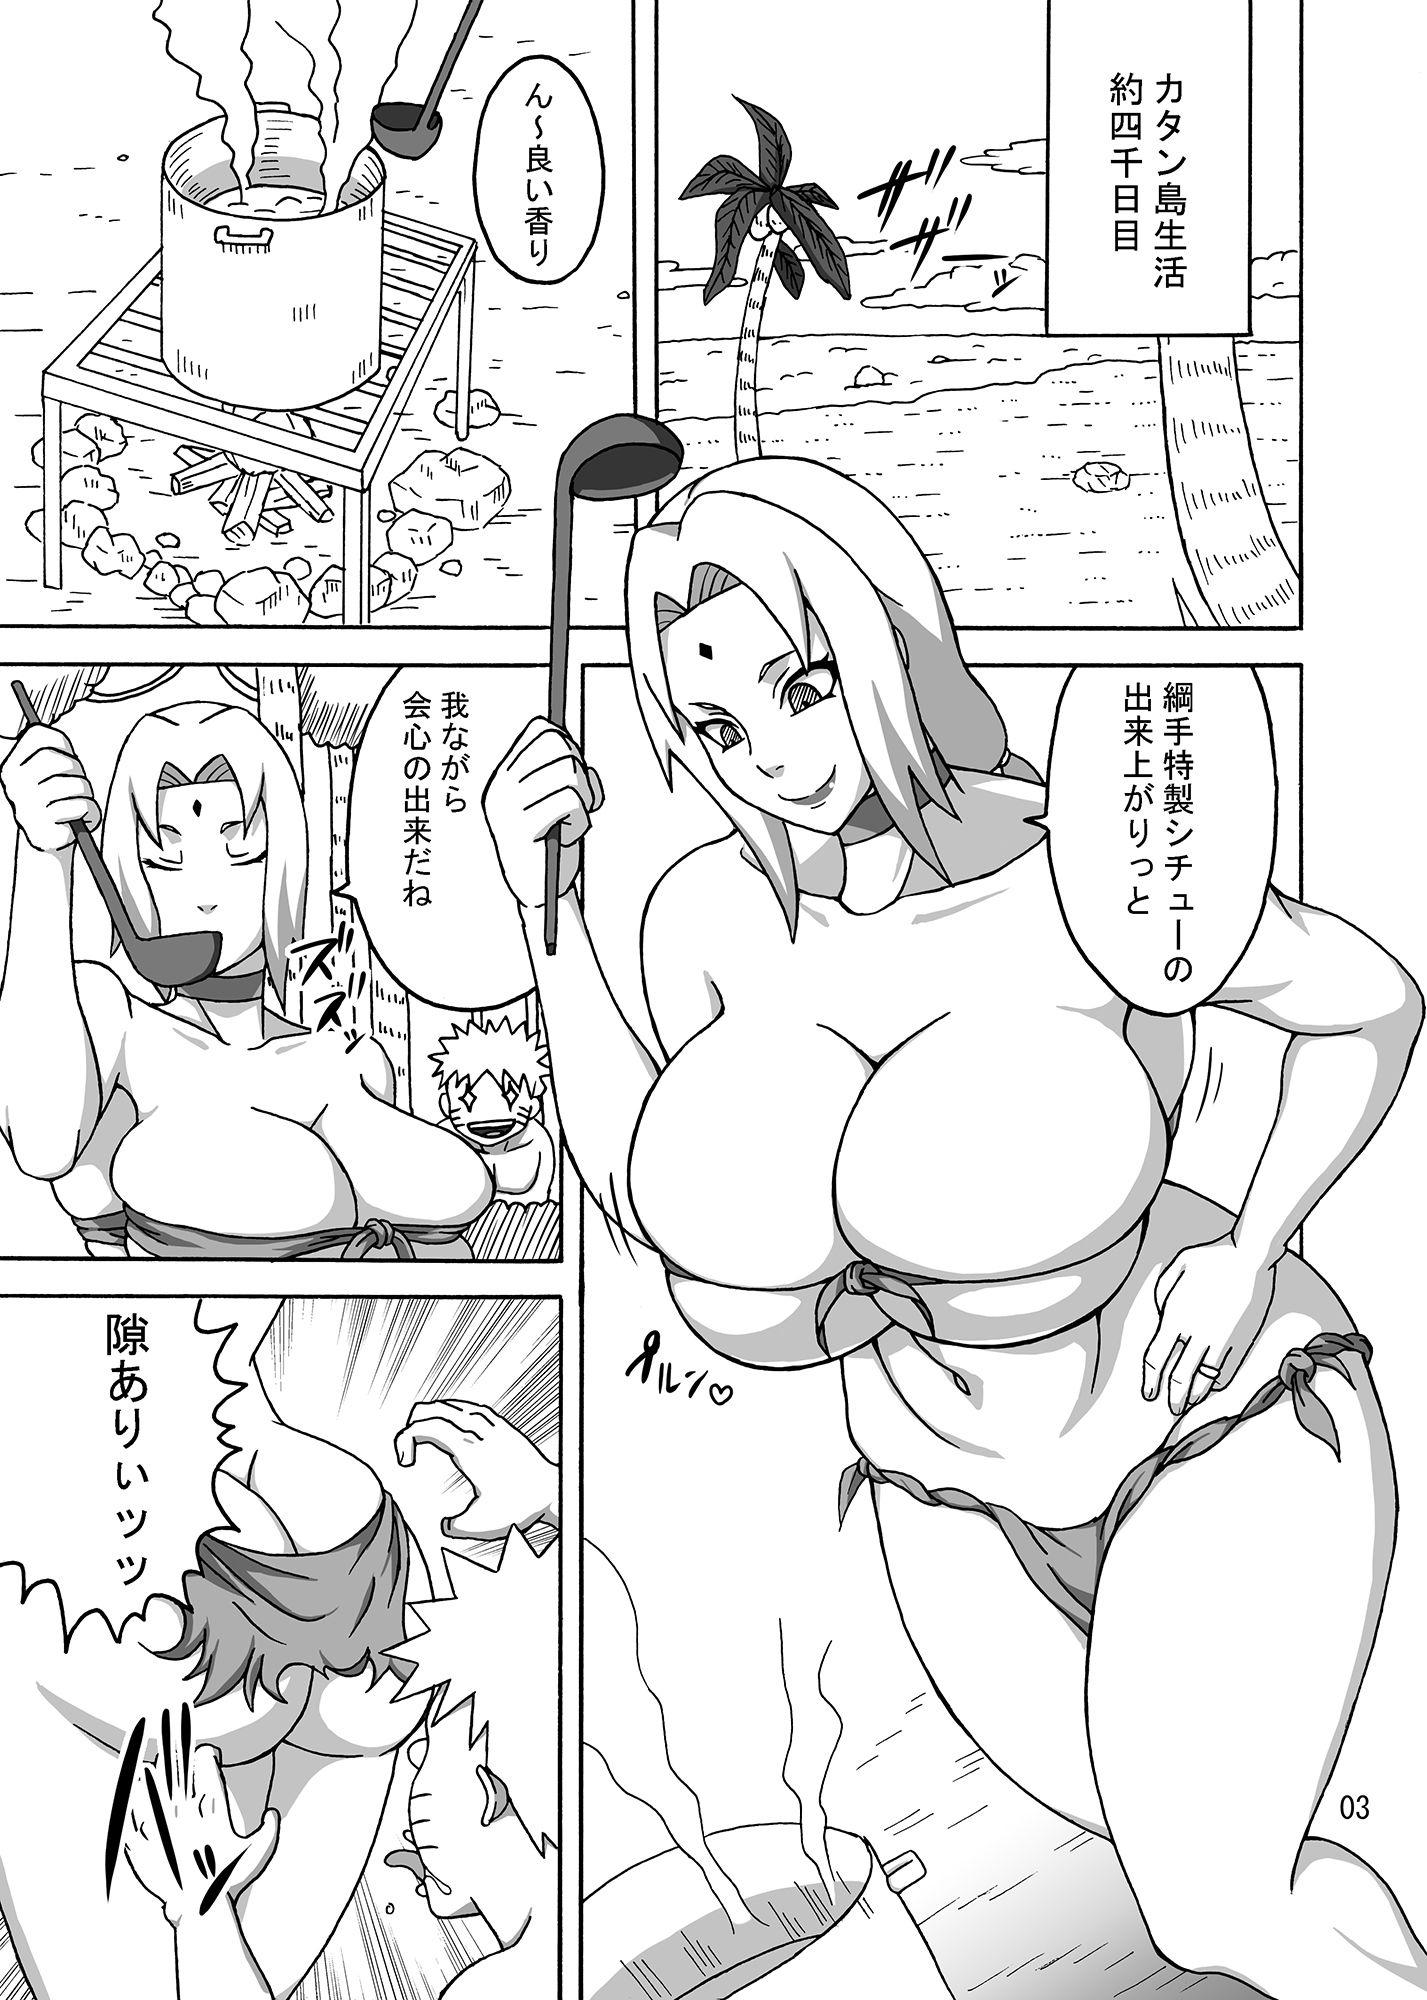 【春野サクラ 同人】ジャングルGTDL版